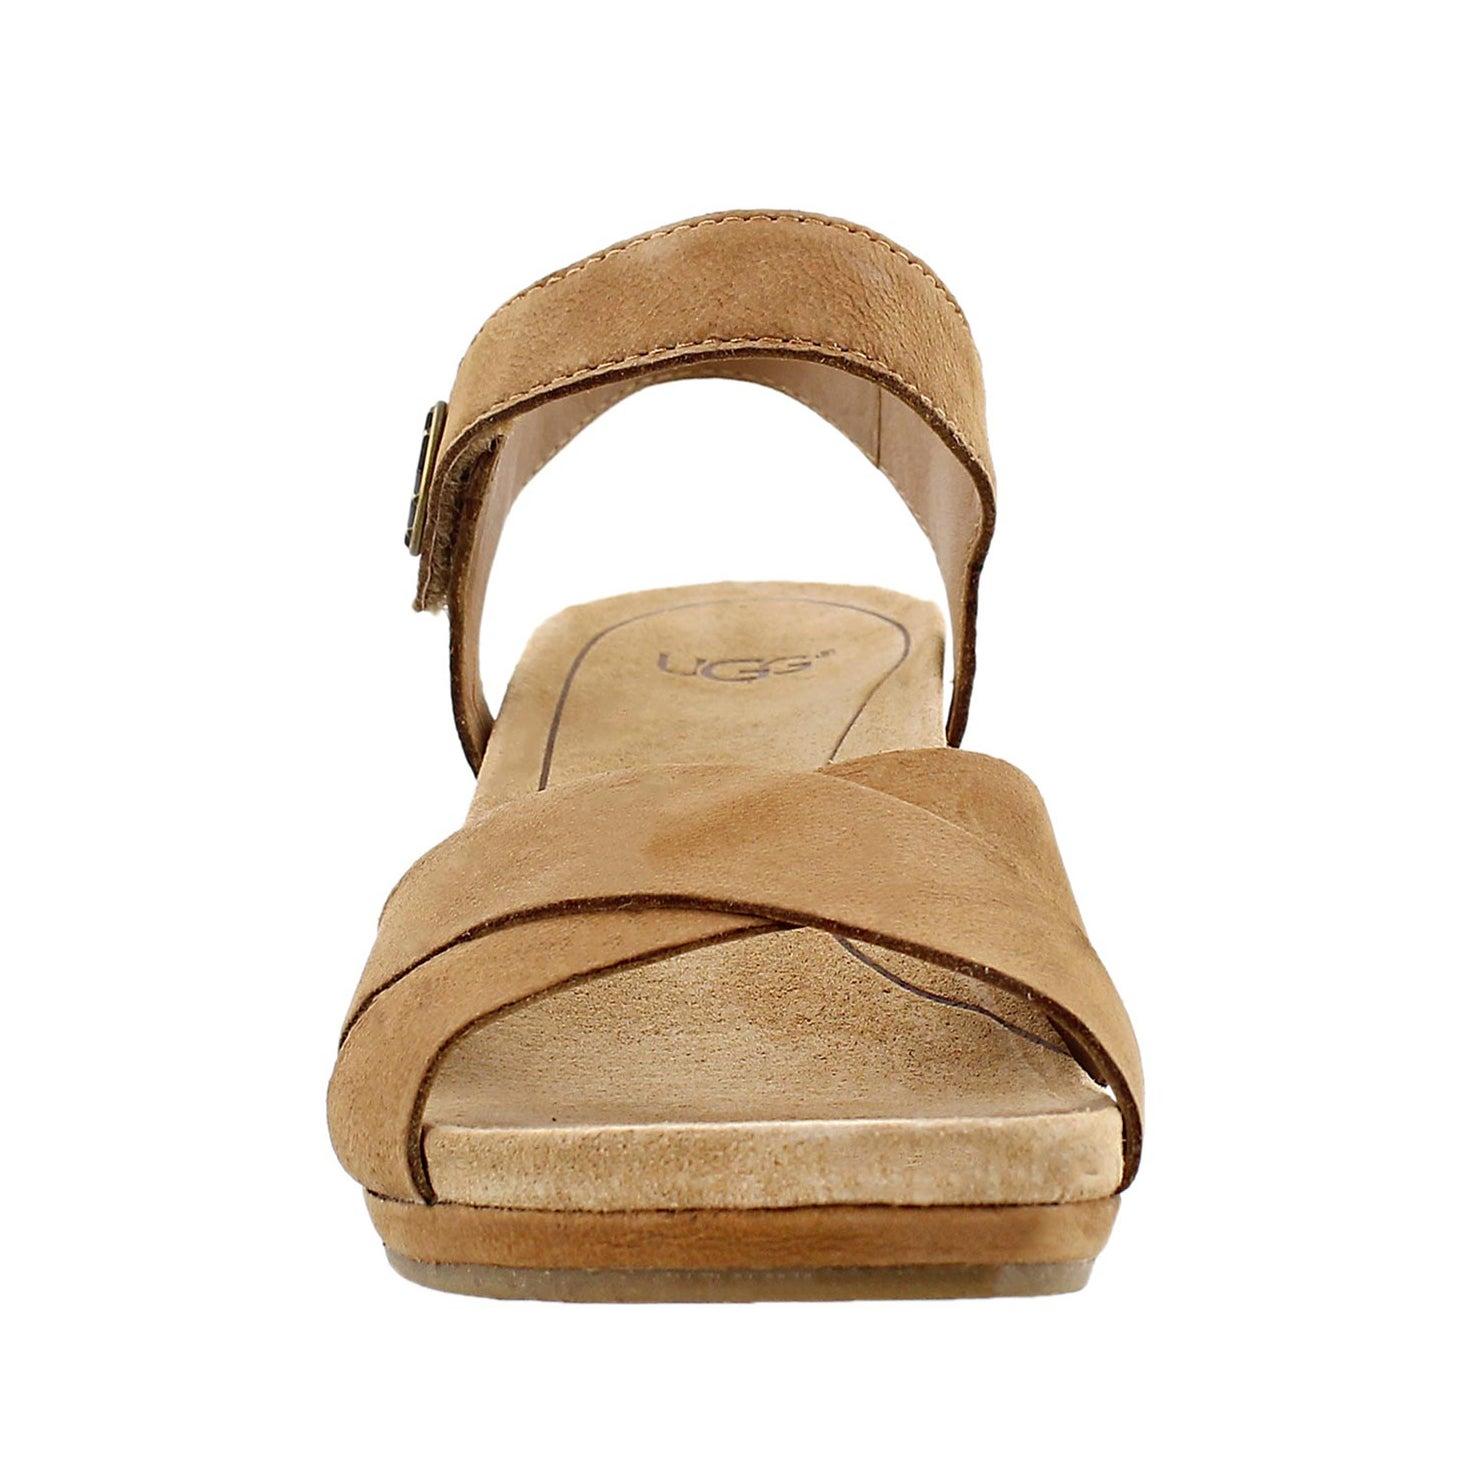 Lds Veva chestnut wedge sandal